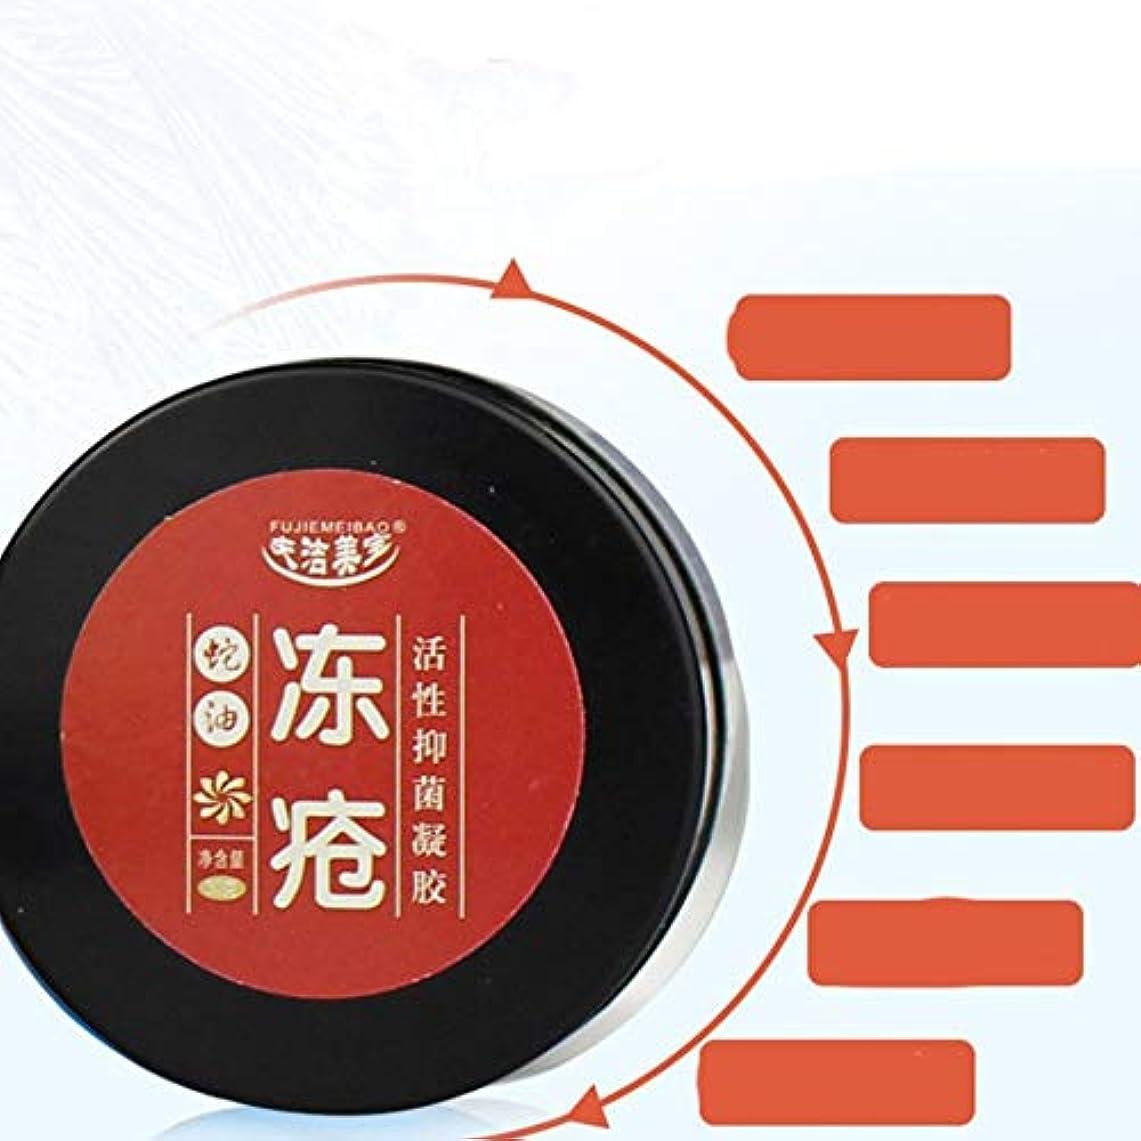 反対野球またはMagRingの伝統的な中国の化粧品の抗乾燥ひび割れ修理かかと足のケアフットバーム角質除去フットクリーム手ひび割れかかとクリーム色:白